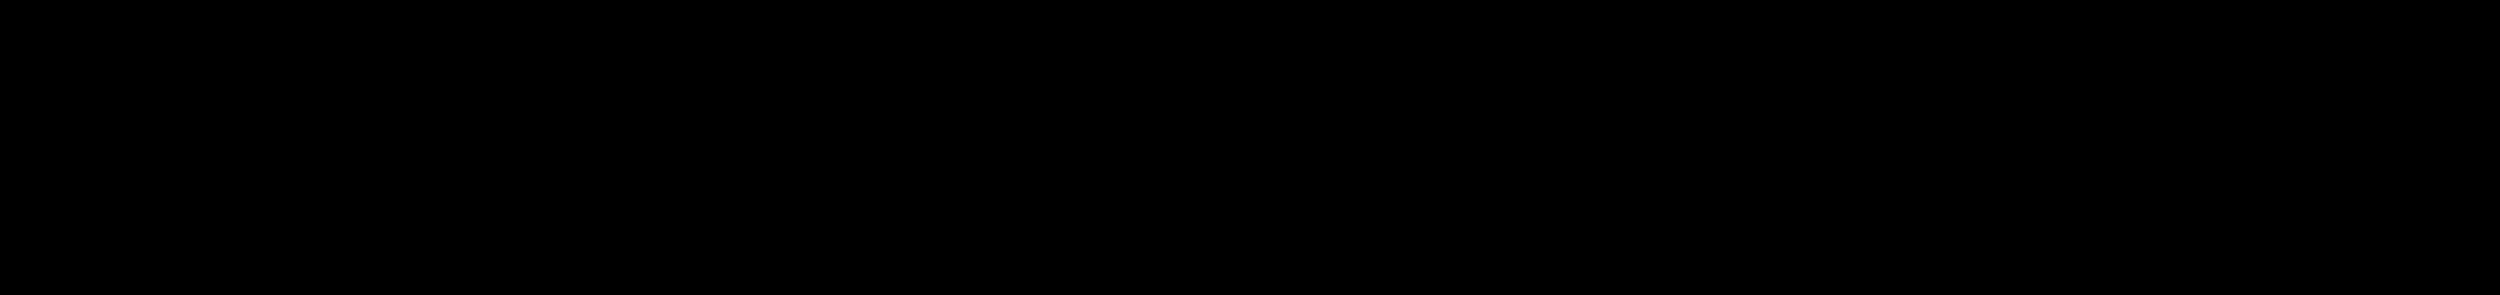 白石農園-と-かたくり福祉作業所-連携商品 当日発送-東京都練馬区産-